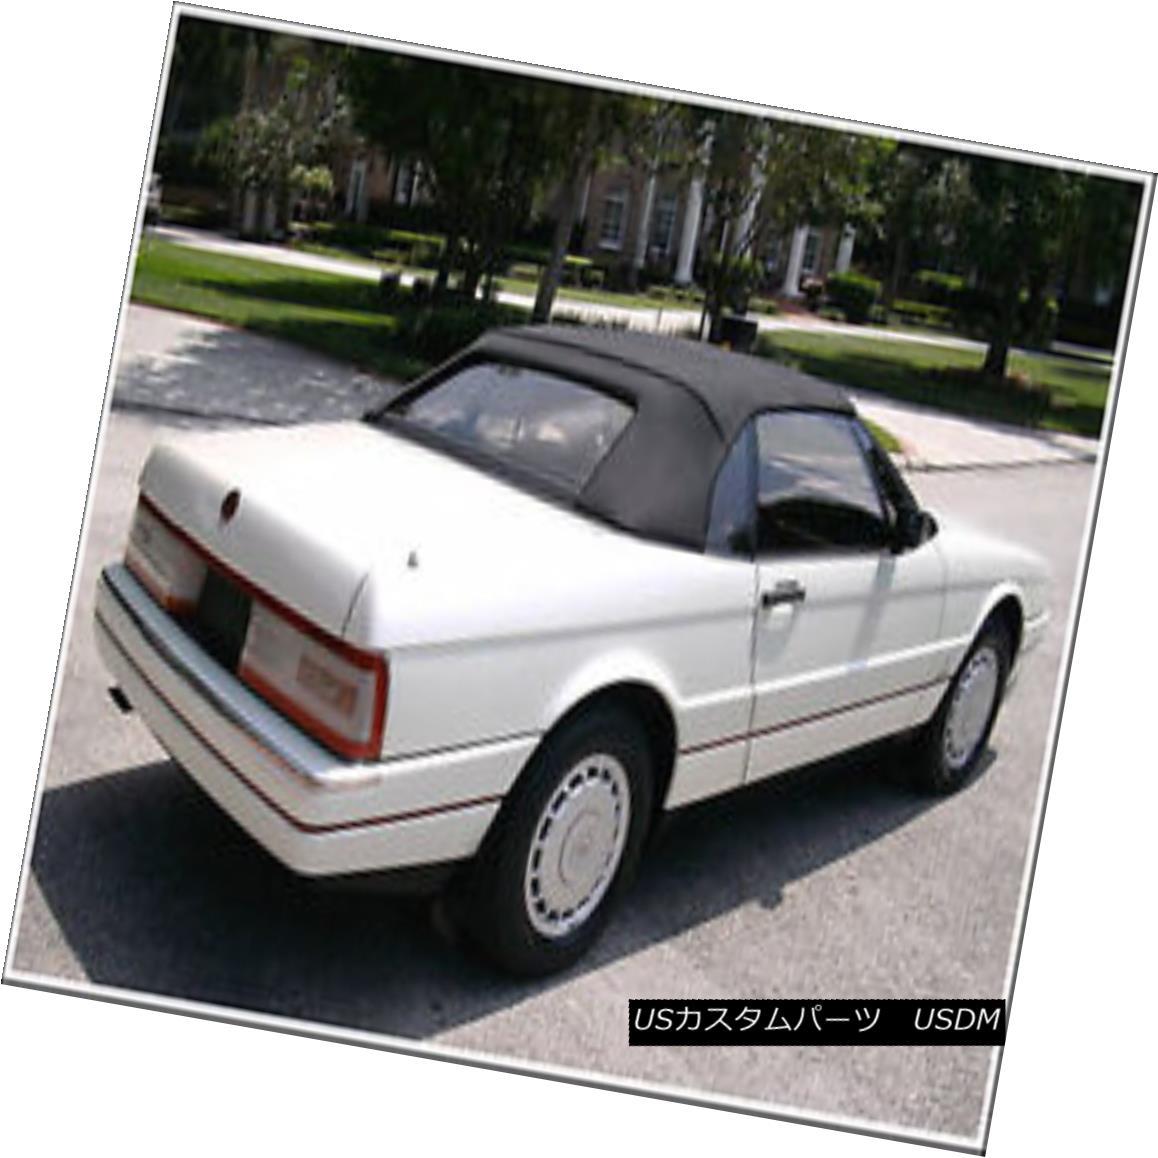 幌・ソフトトップ NEW Cadillac allante Convertible Soft Top HAARTZ Vinyl 1987-1993 NEW Cadillac allanteコンバーチブルソフトトップHAARTZ Vinyl 1987-1993